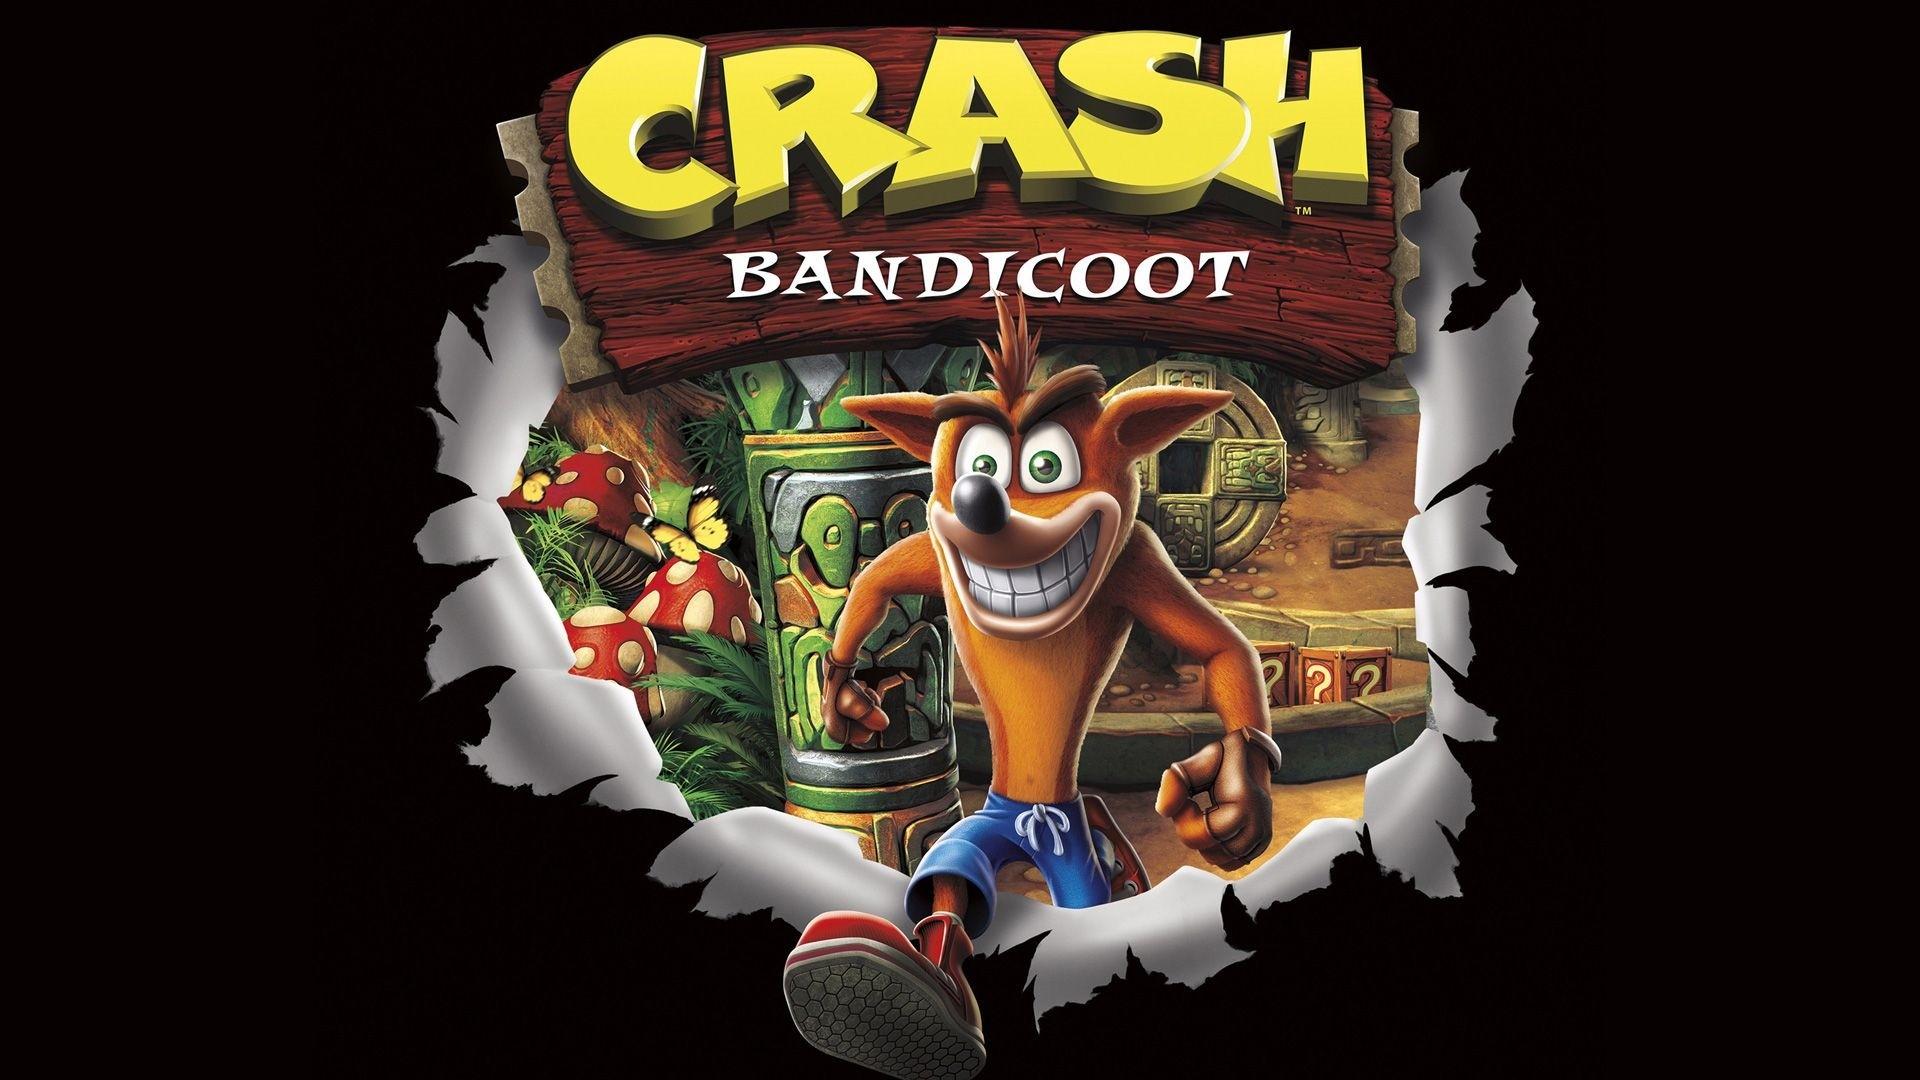 Crash Bandicoot HD Download